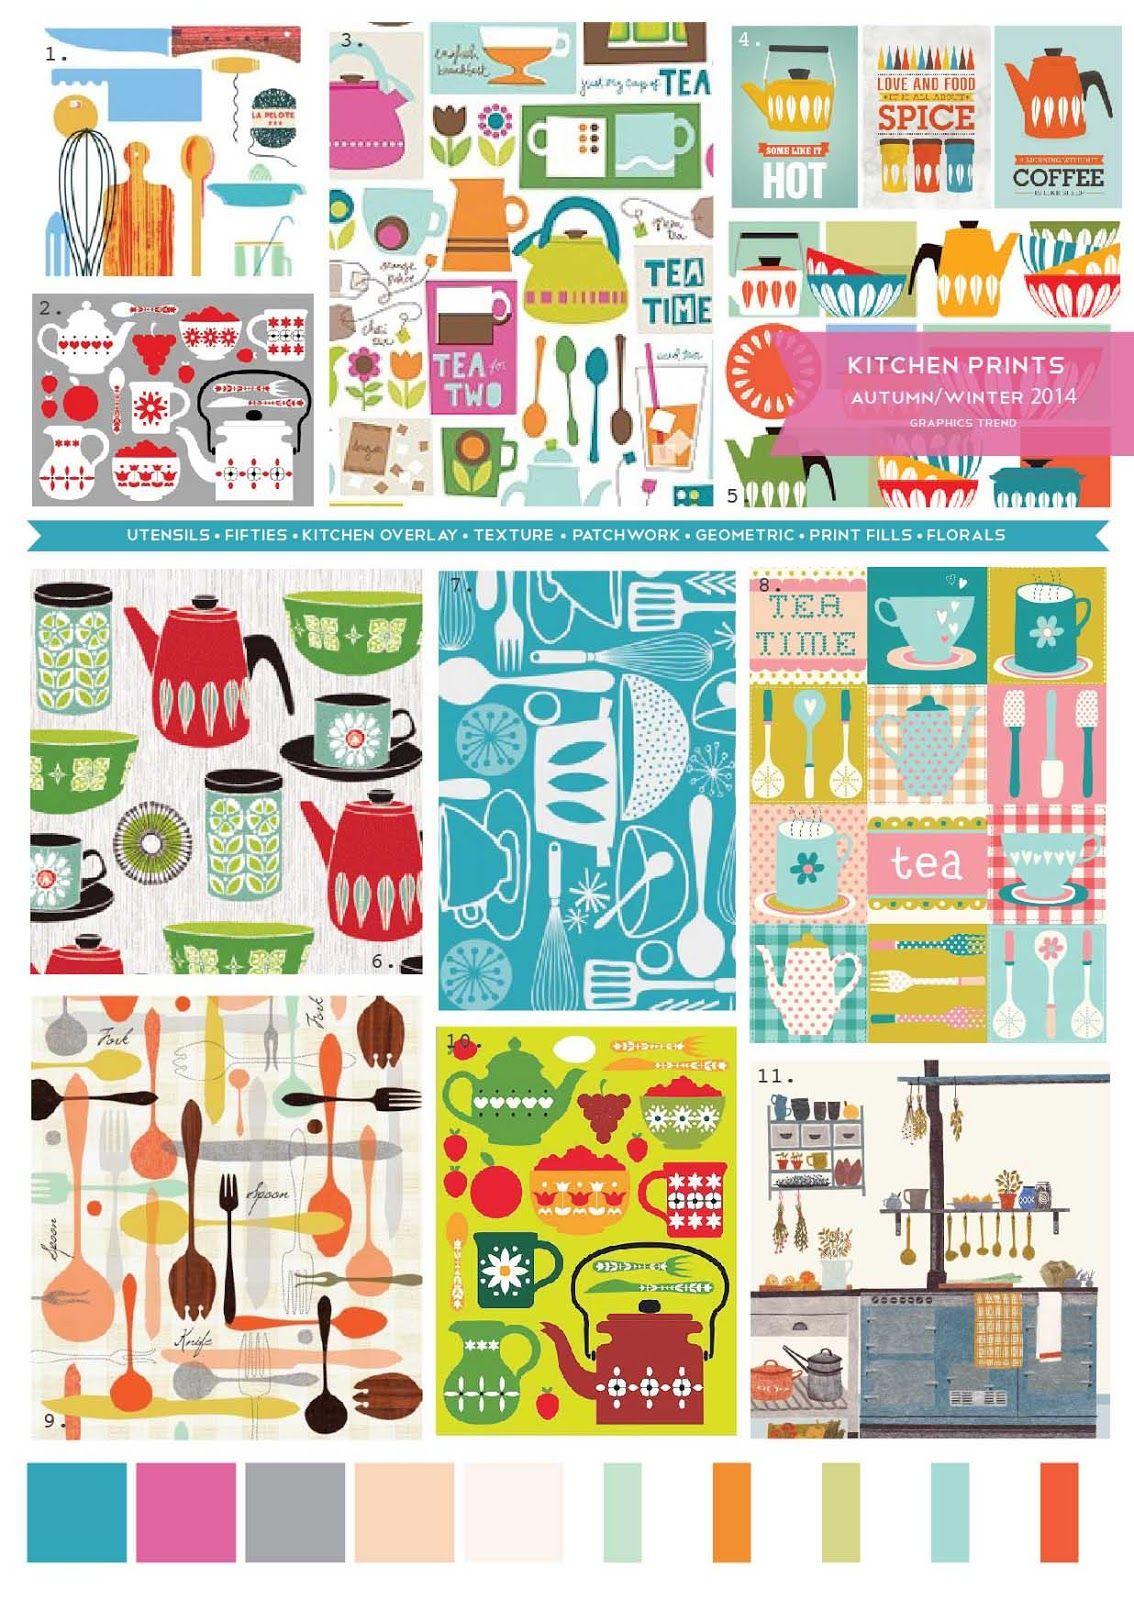 AW14+KITCHEN+PRINTS.jpg 1,134×1,600 pixels   Prints Ideas ...